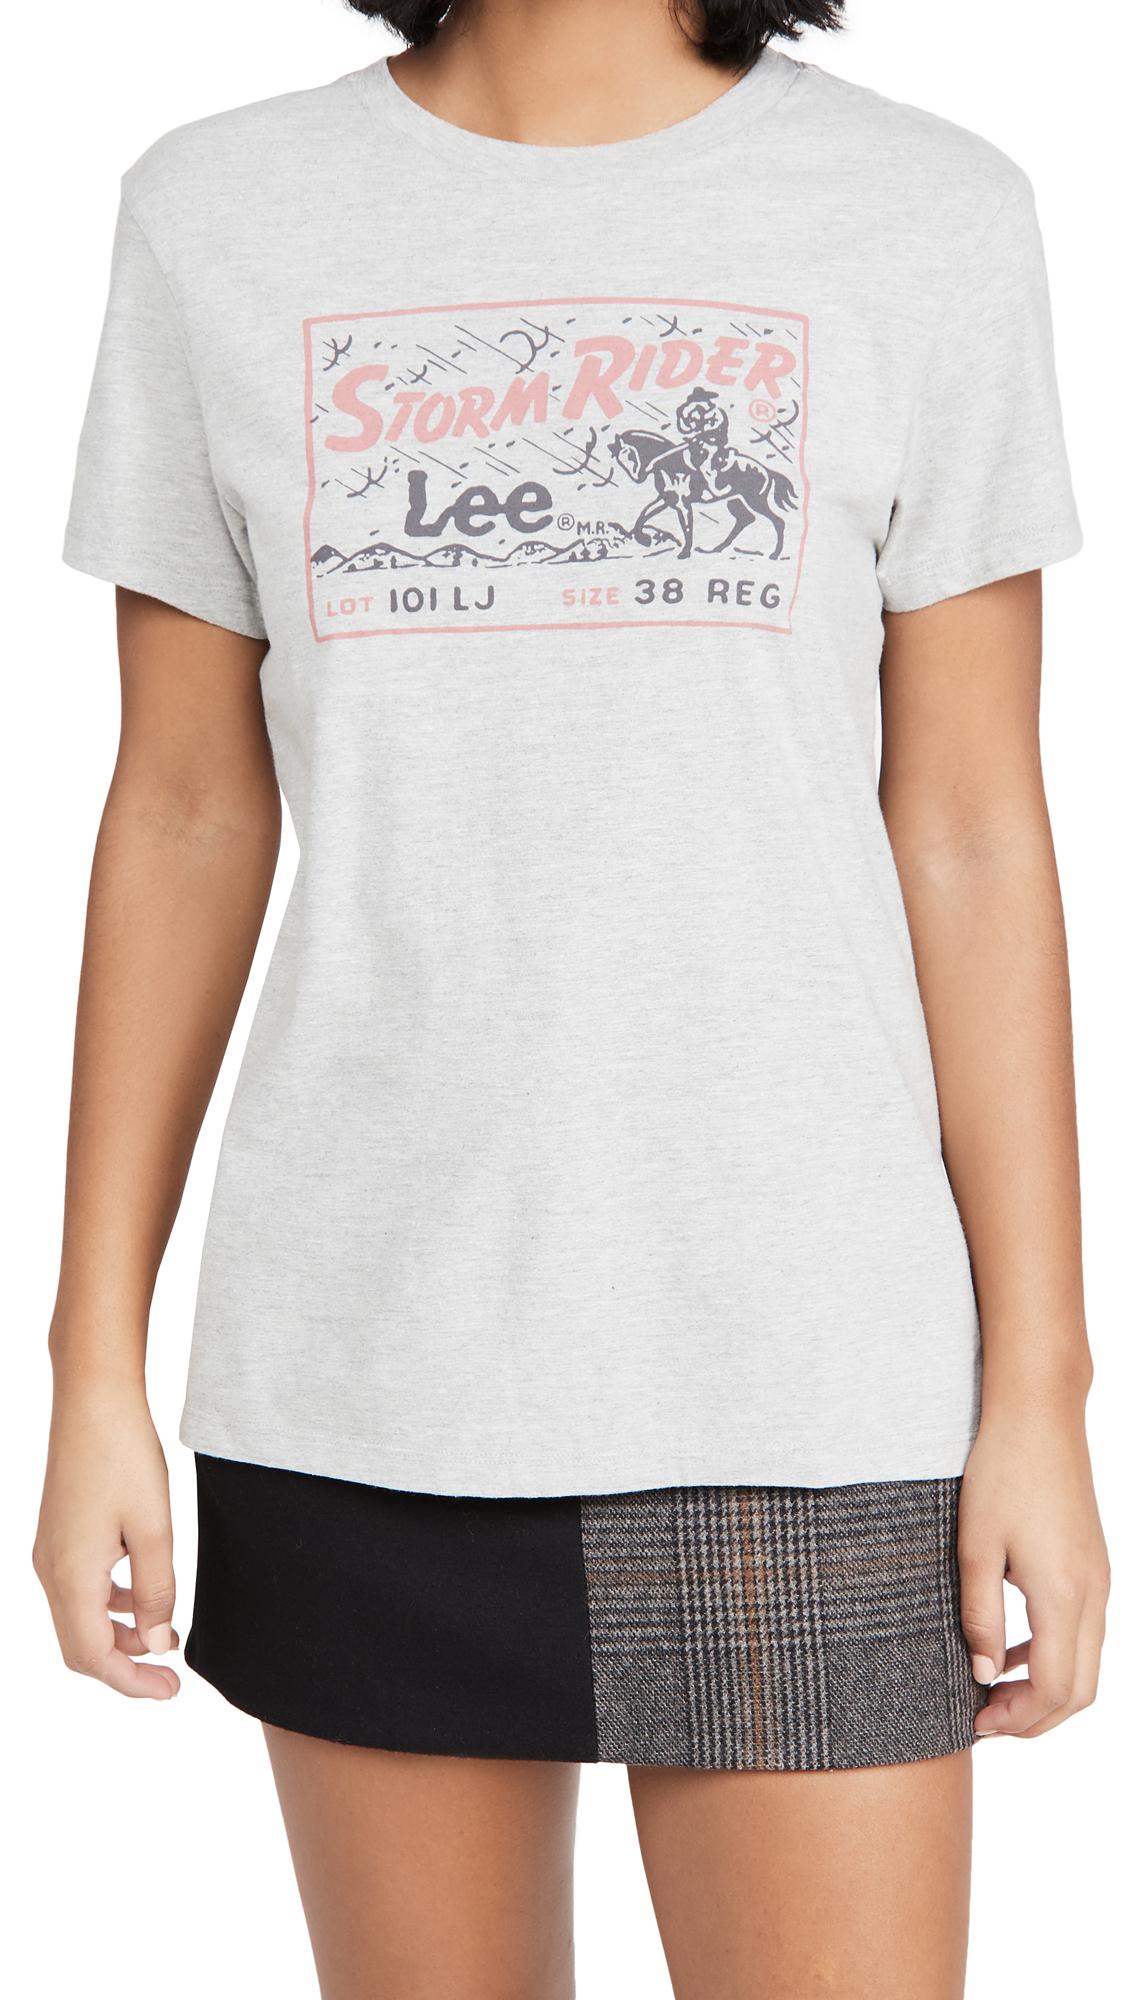 Lee Vintage Modern Storm Rider Tee